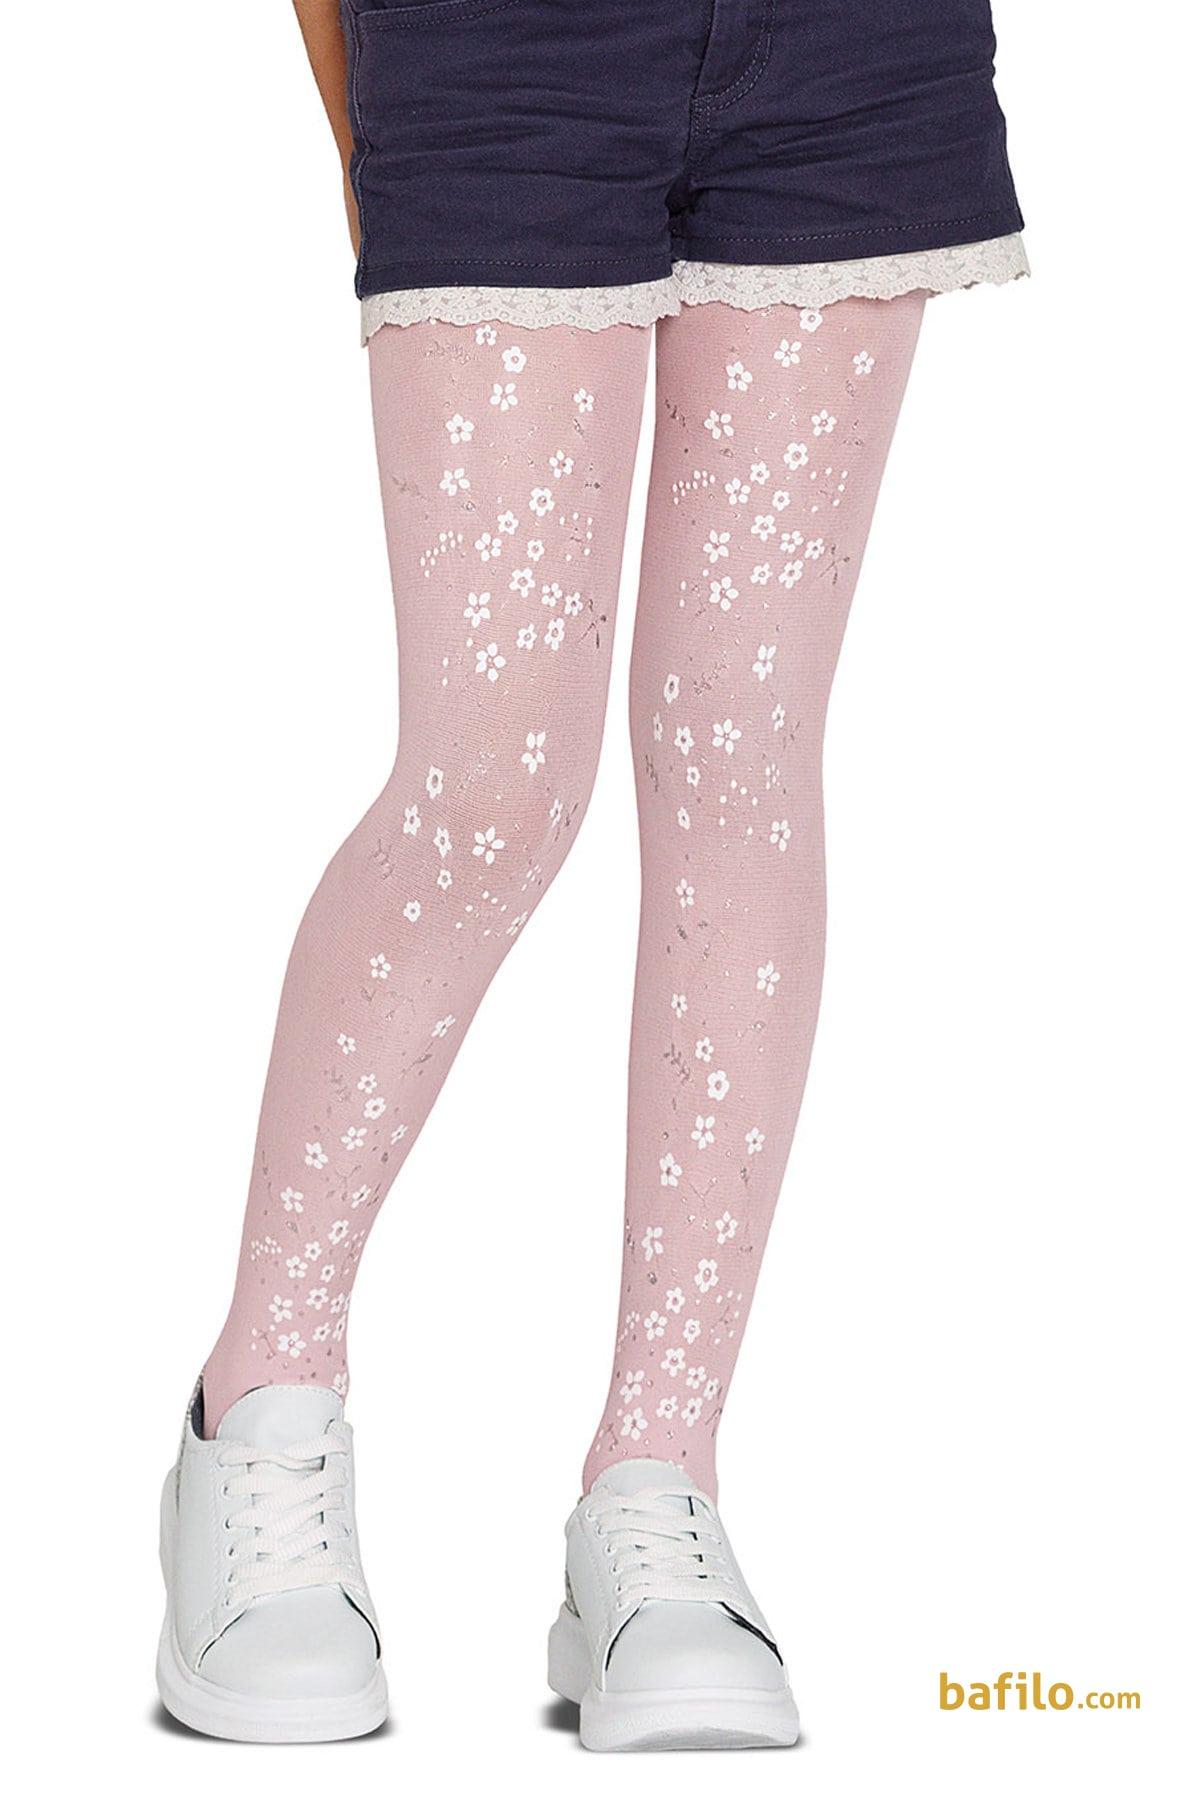 پنتی | Penti - جوراب شلواری طرح دار دخترانه پنتی Bouquet صورتی